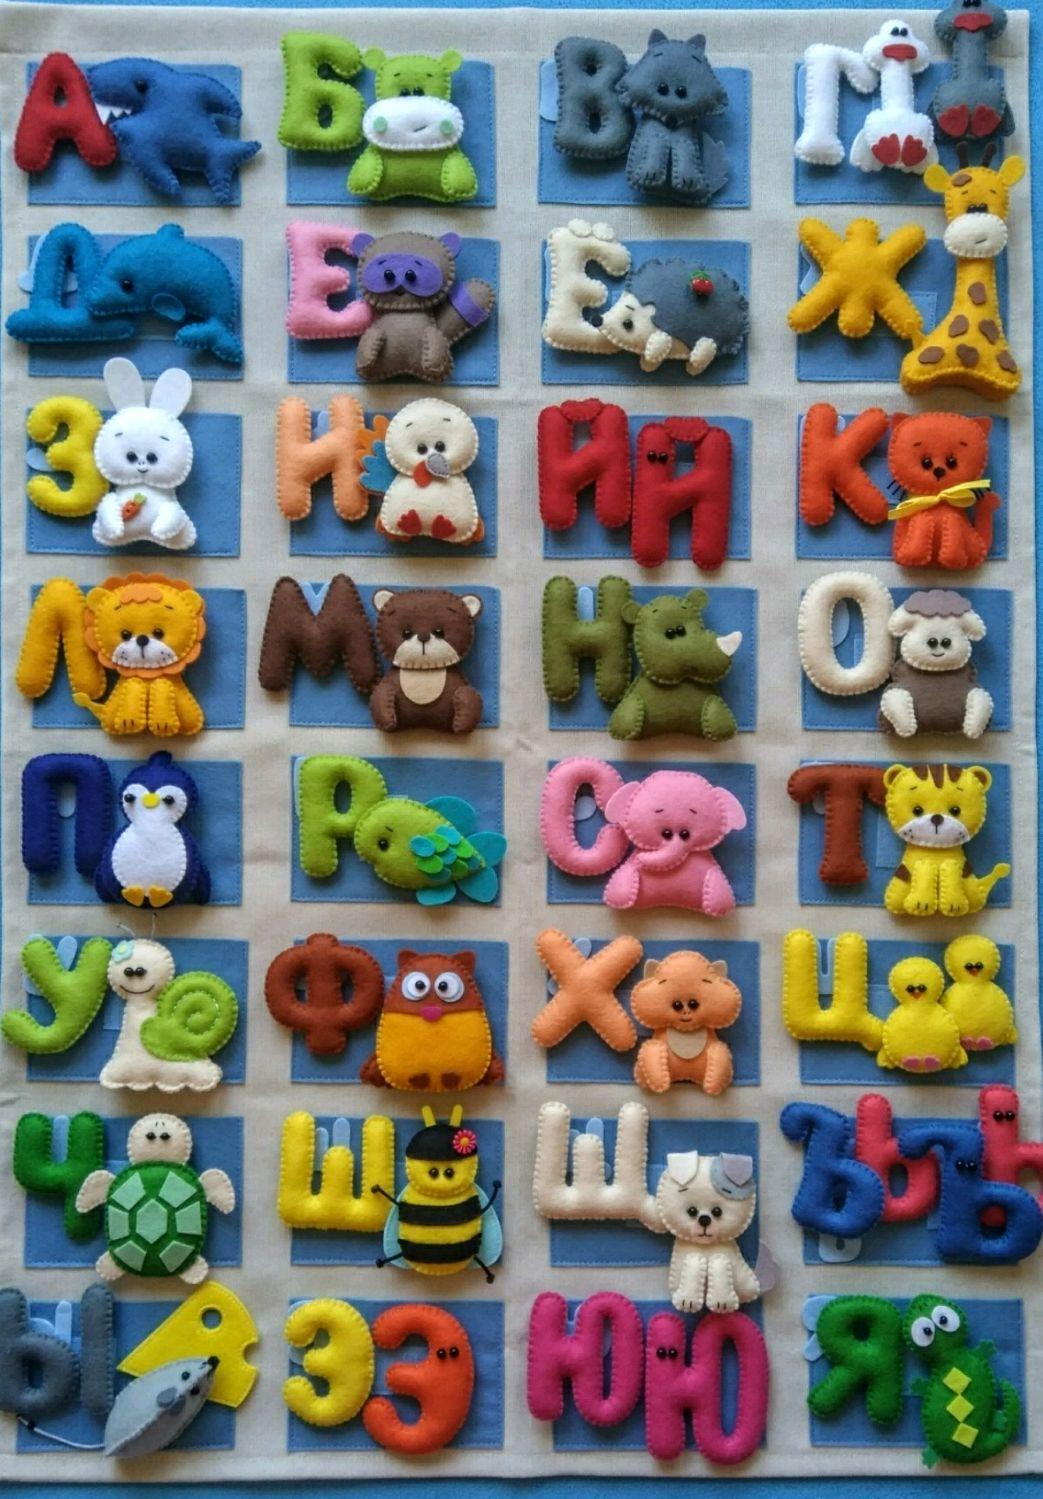 Развивающие игрушки ручной работы. Ярмарка Мастеров - ручная работа. Купить Алфавит из фетра( панно с кармашками). Handmade. Развивающая игрушка